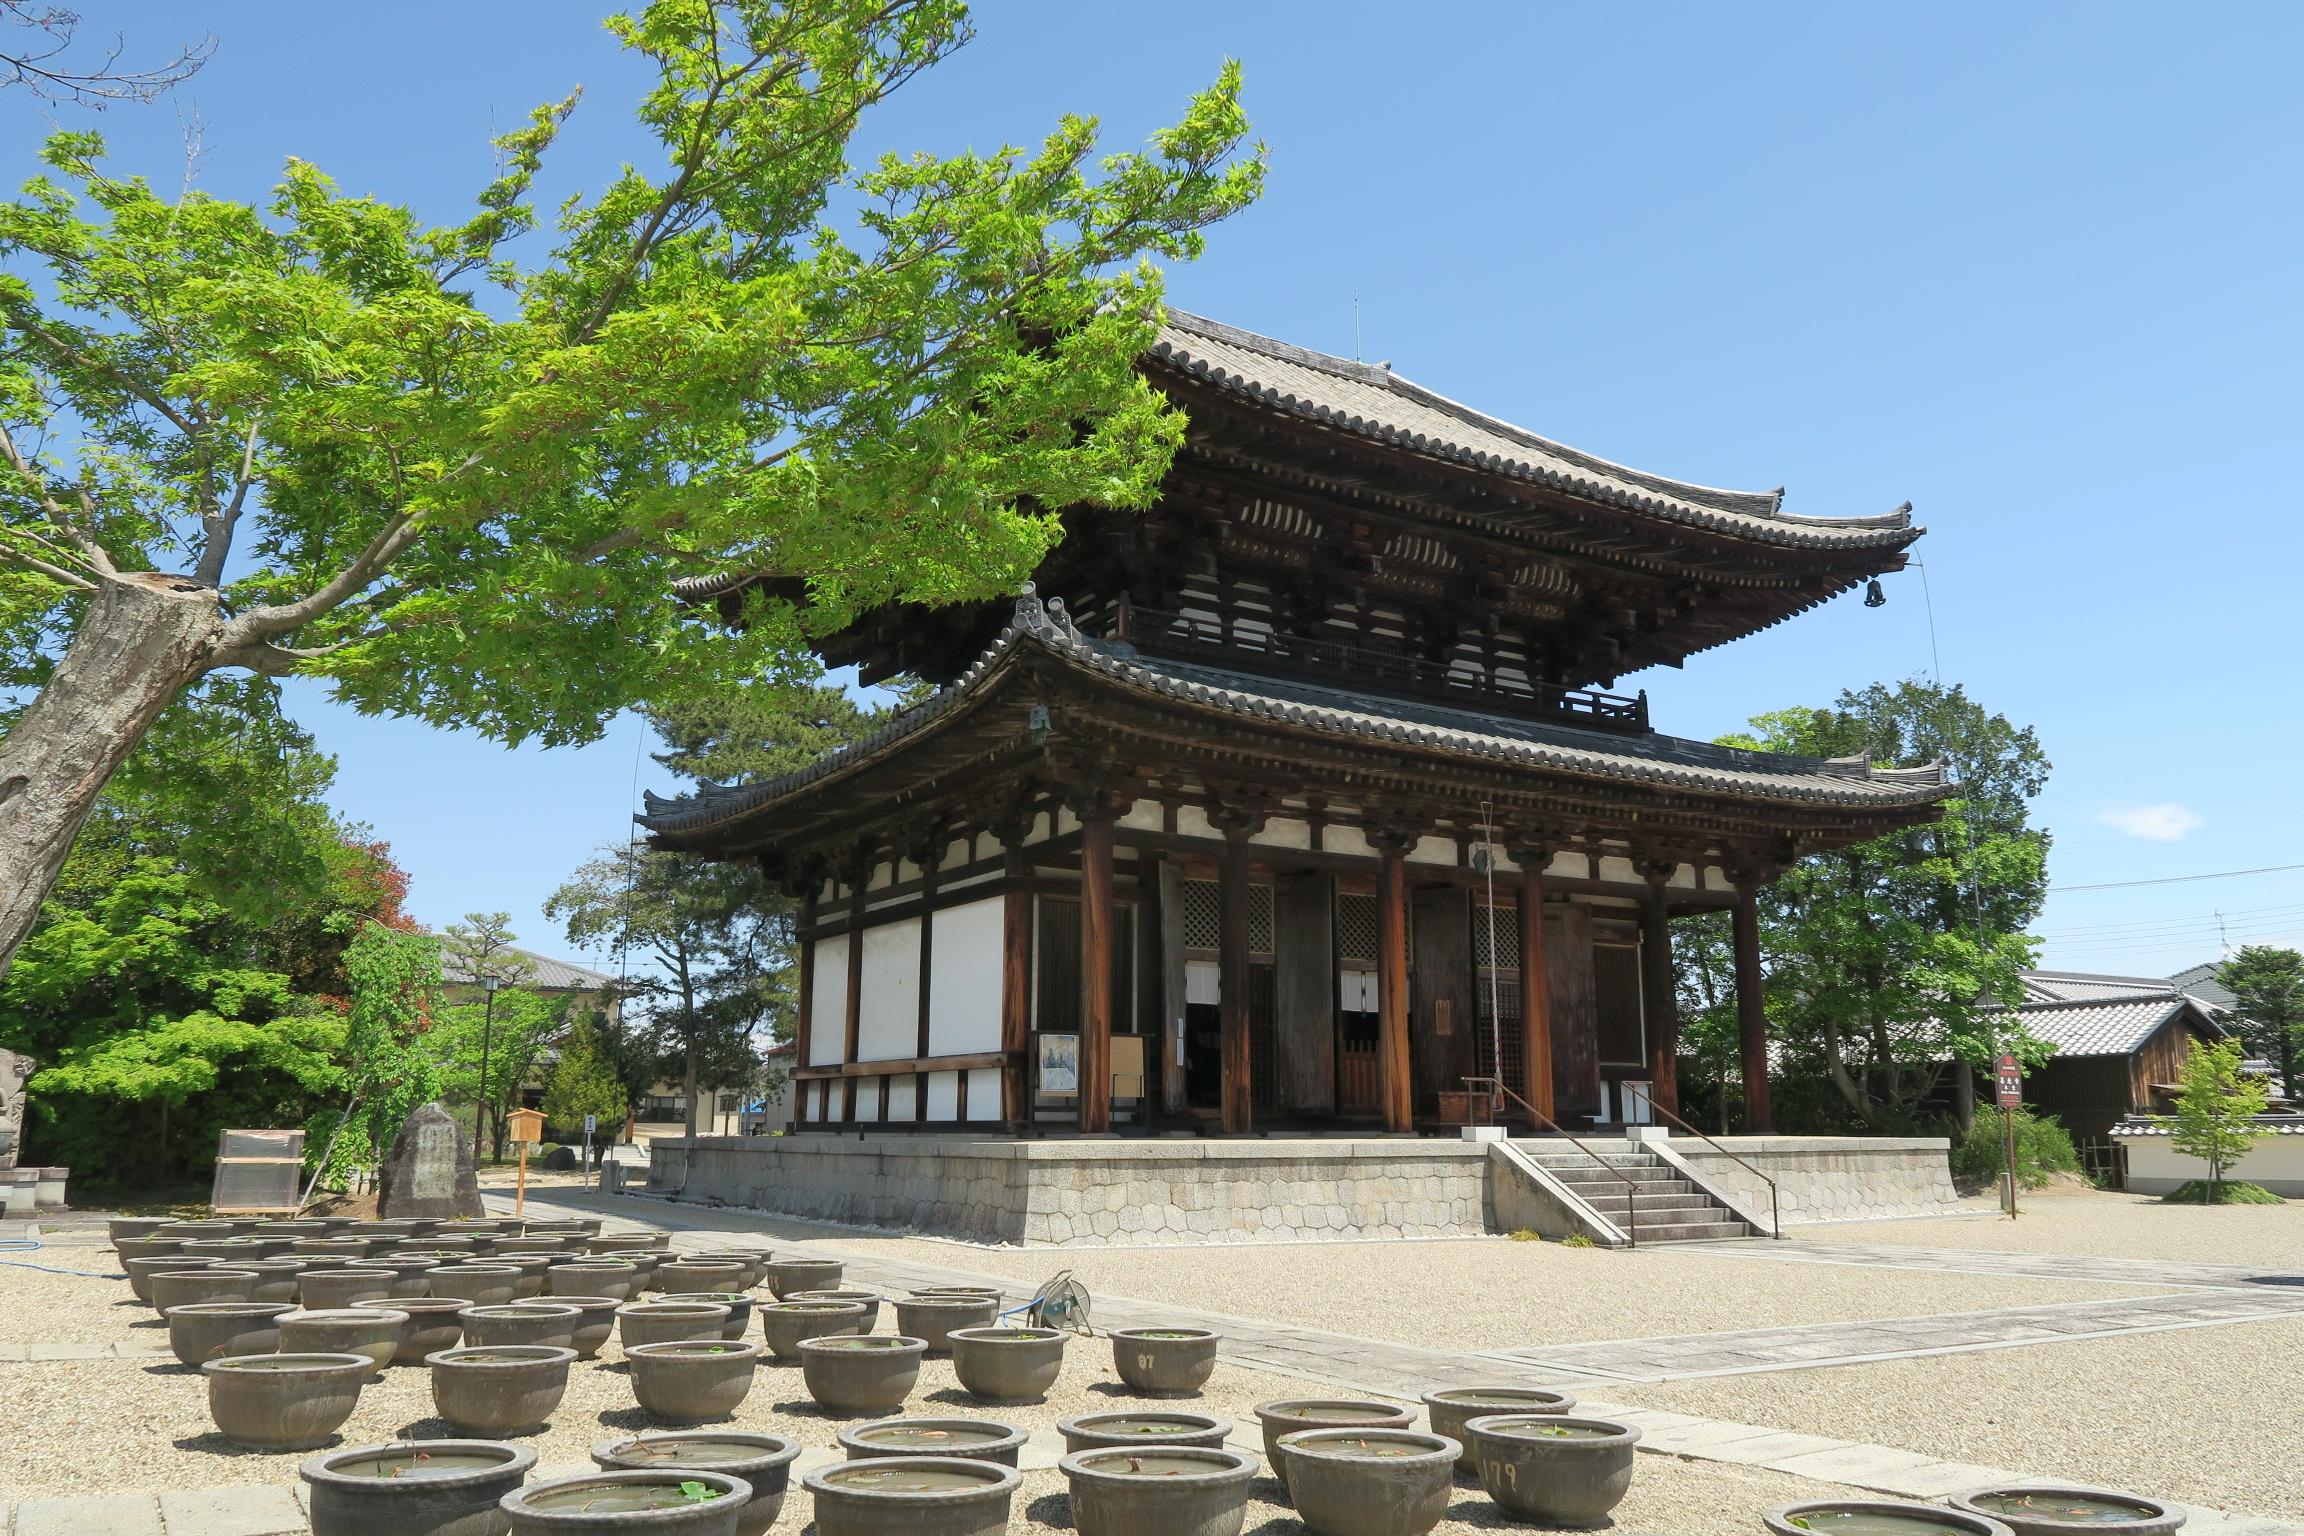 確かに東大寺・大仏殿にそっくりですね。